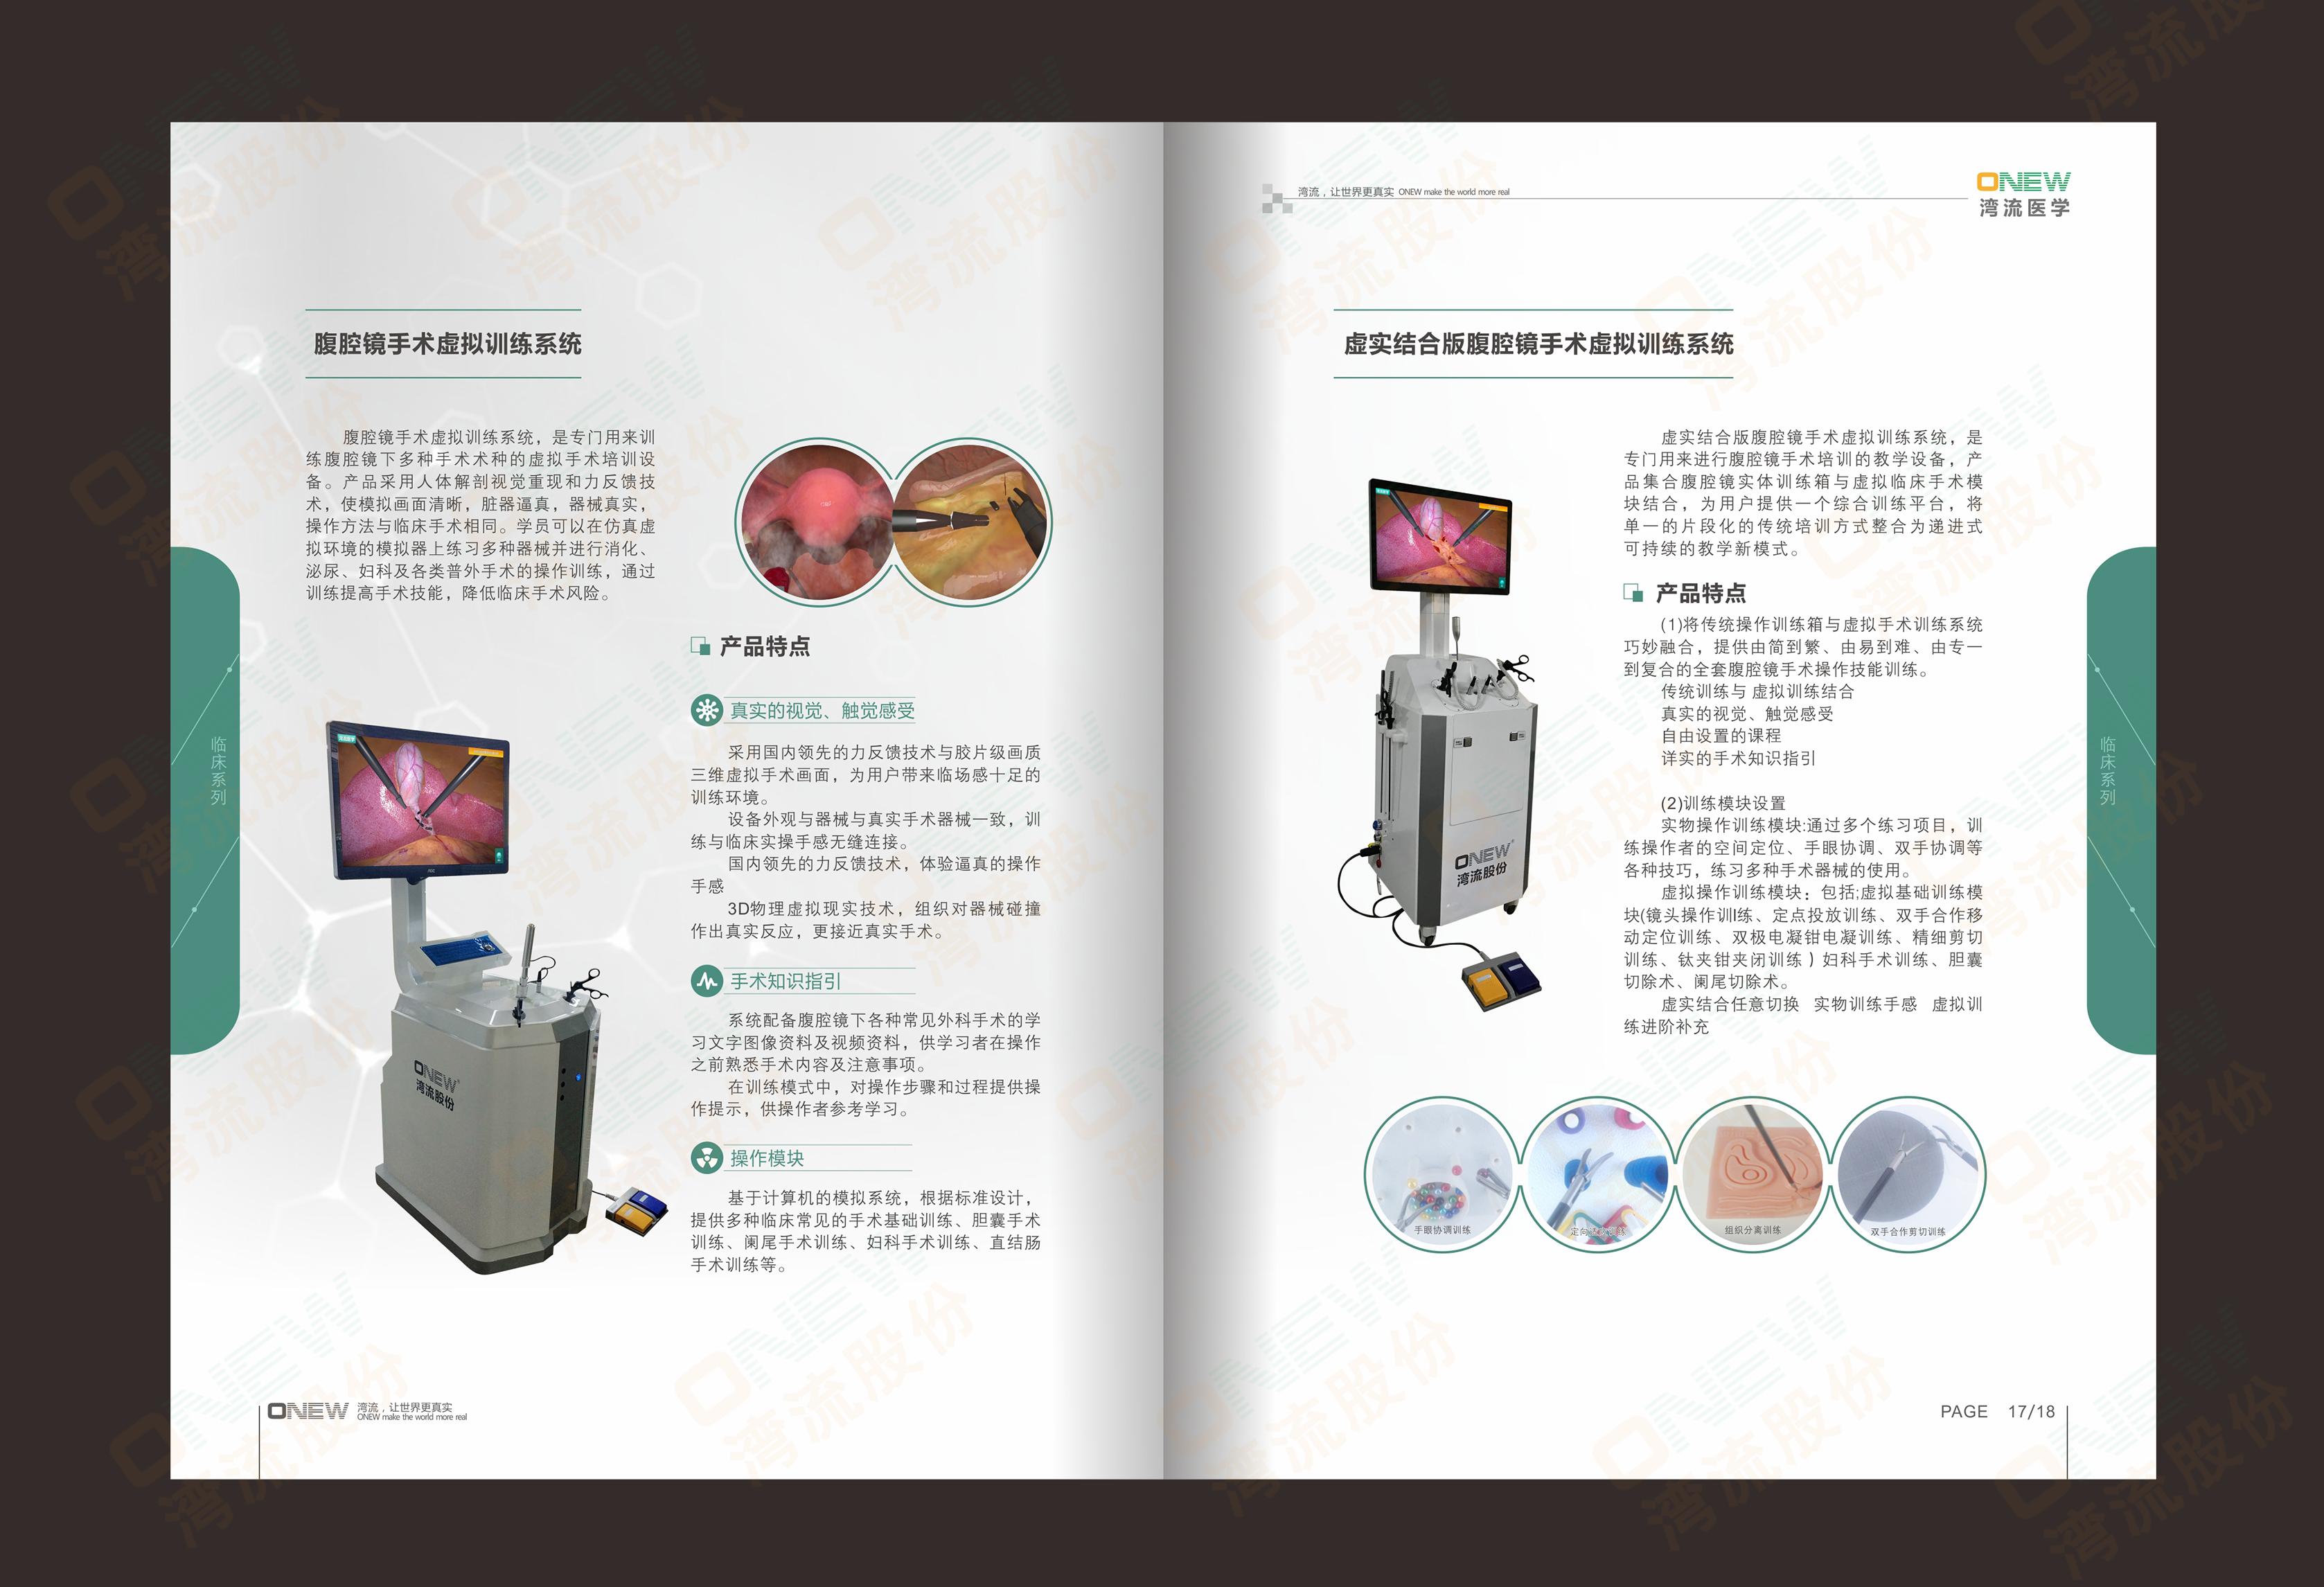 水印版-灣流醫學10